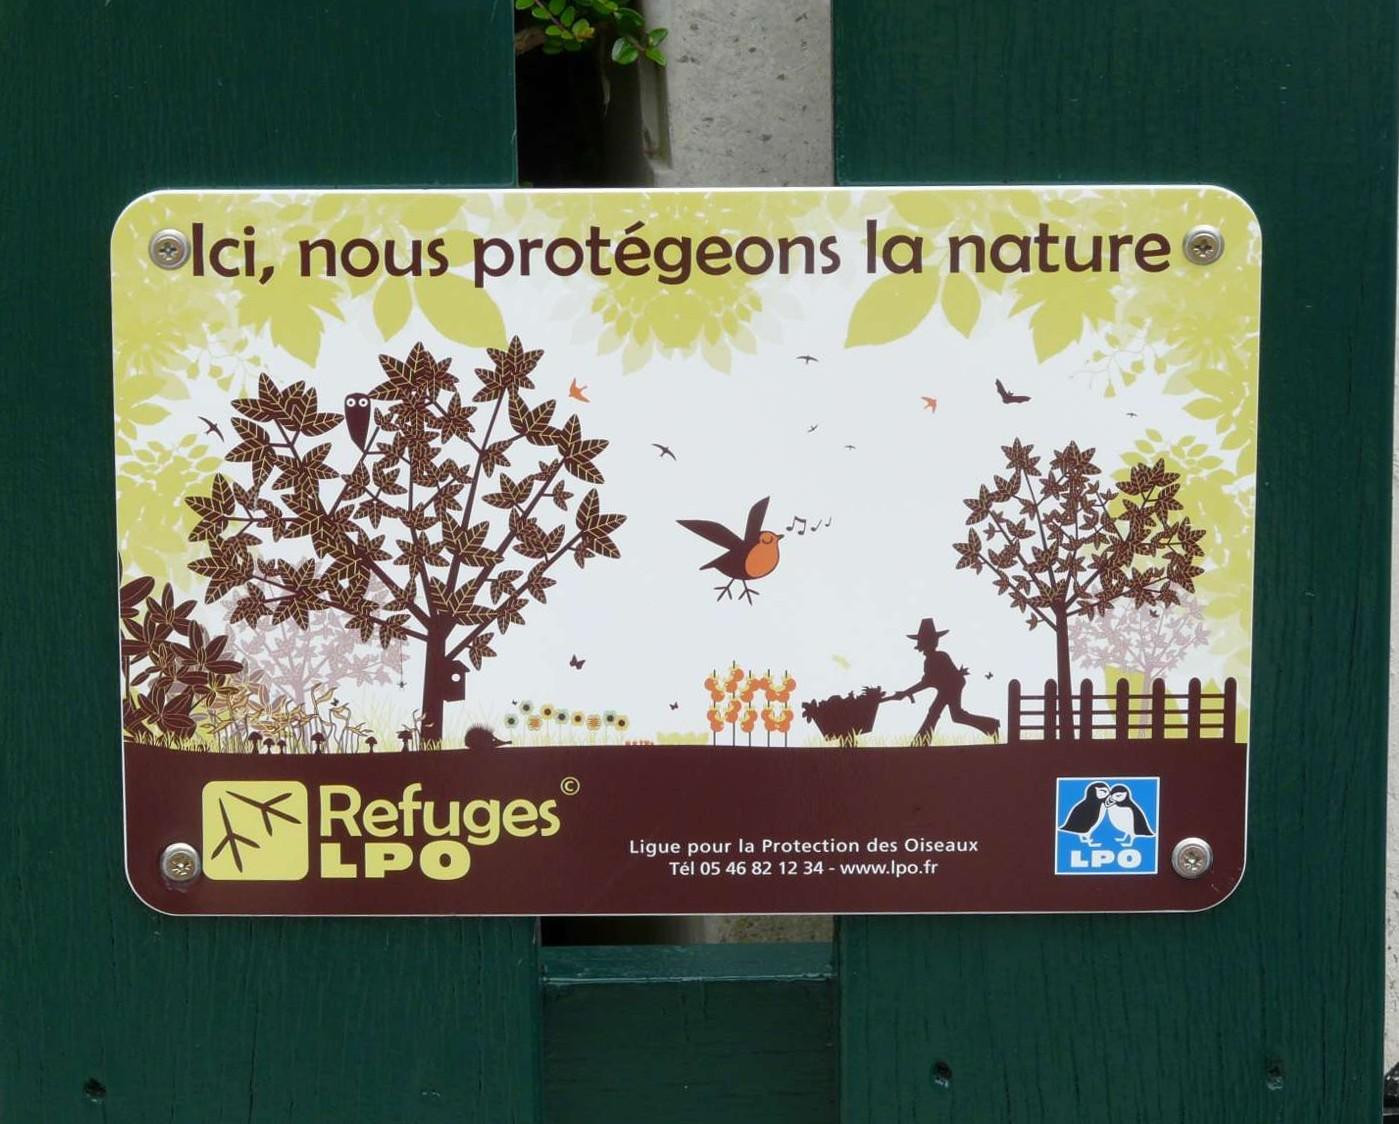 Nouveau Refuge LPO